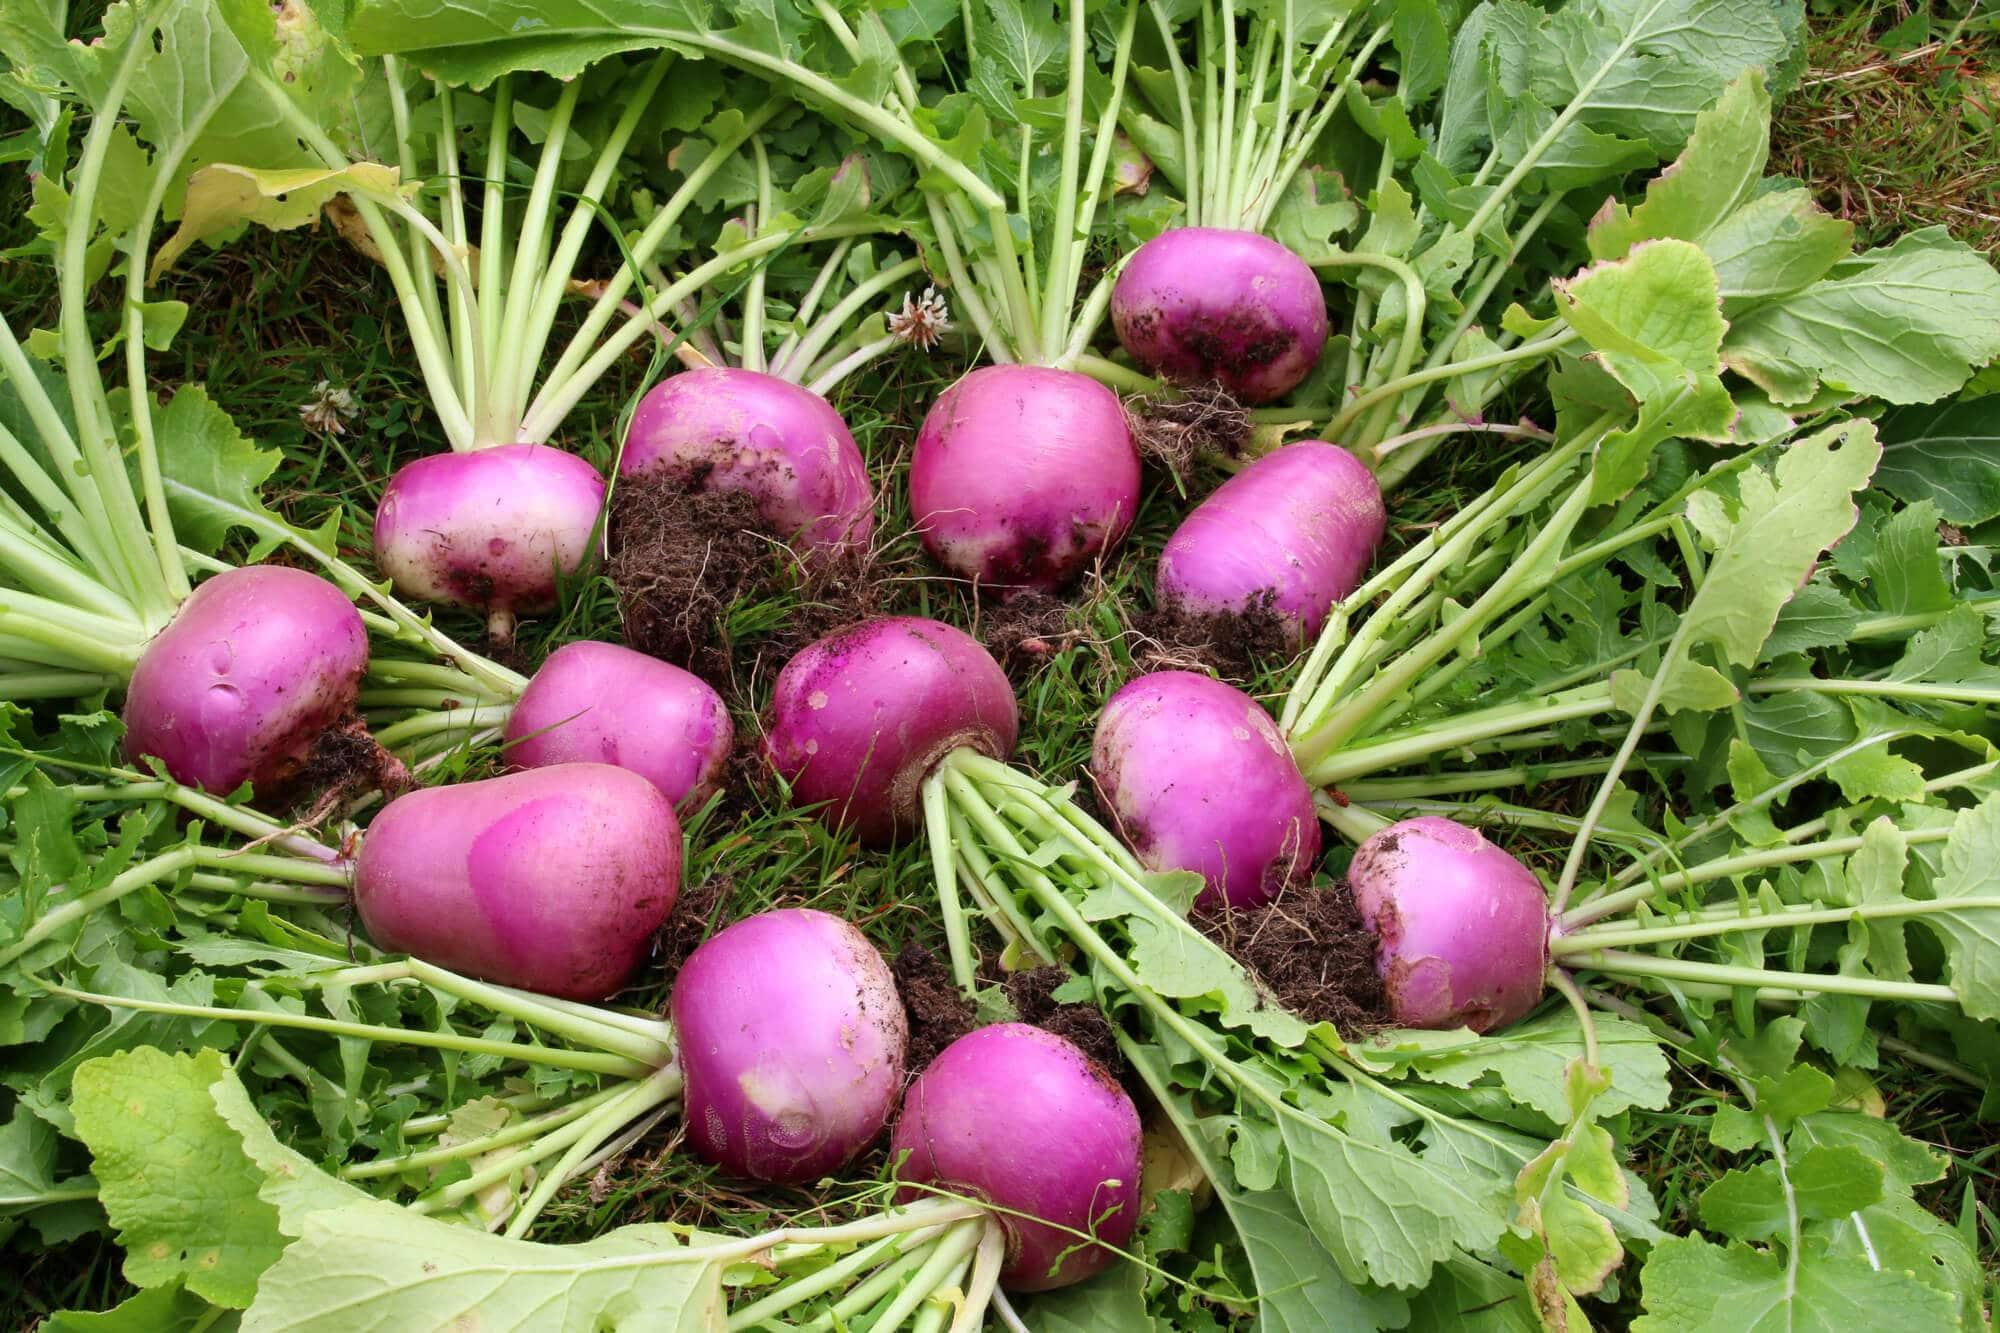 And turnips work too